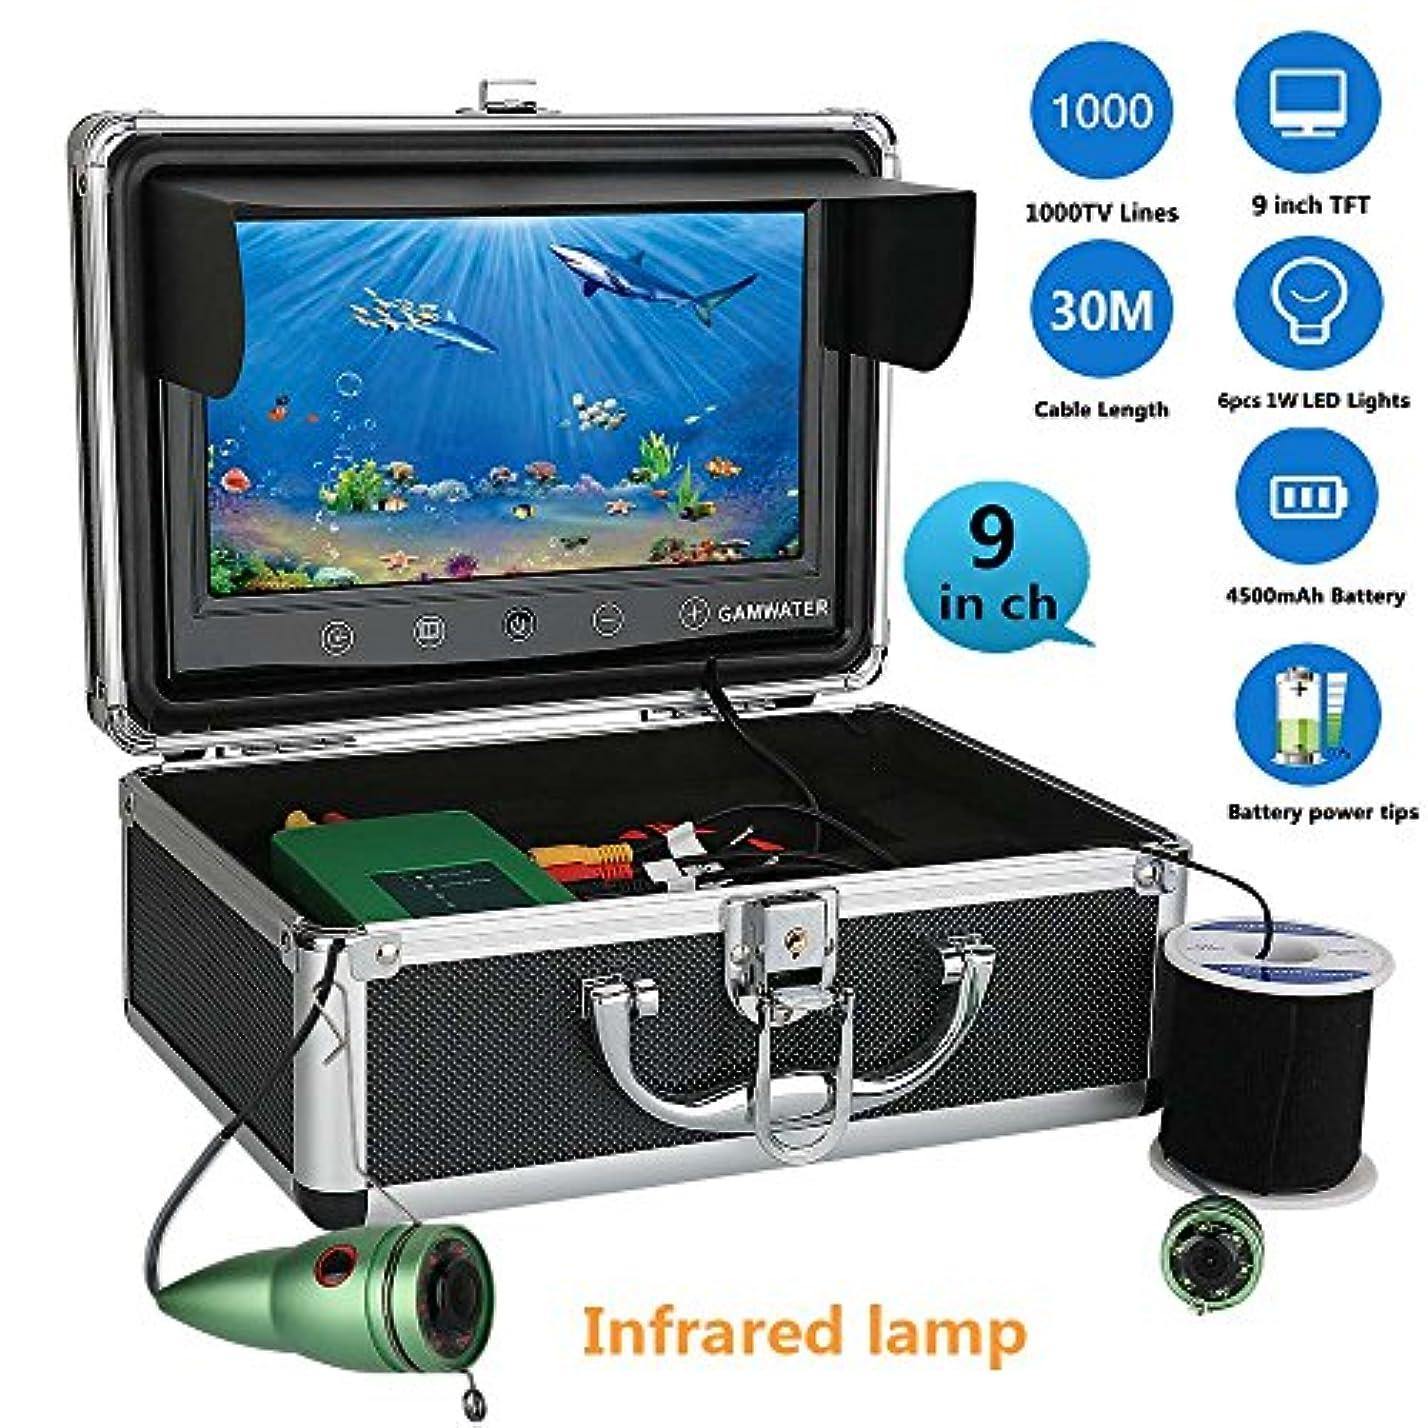 乳剤扇動するパラシュート9インチHDワイヤレスポータブル水中釣りカメラ赤外線ライトフィッシュディテクタ30M